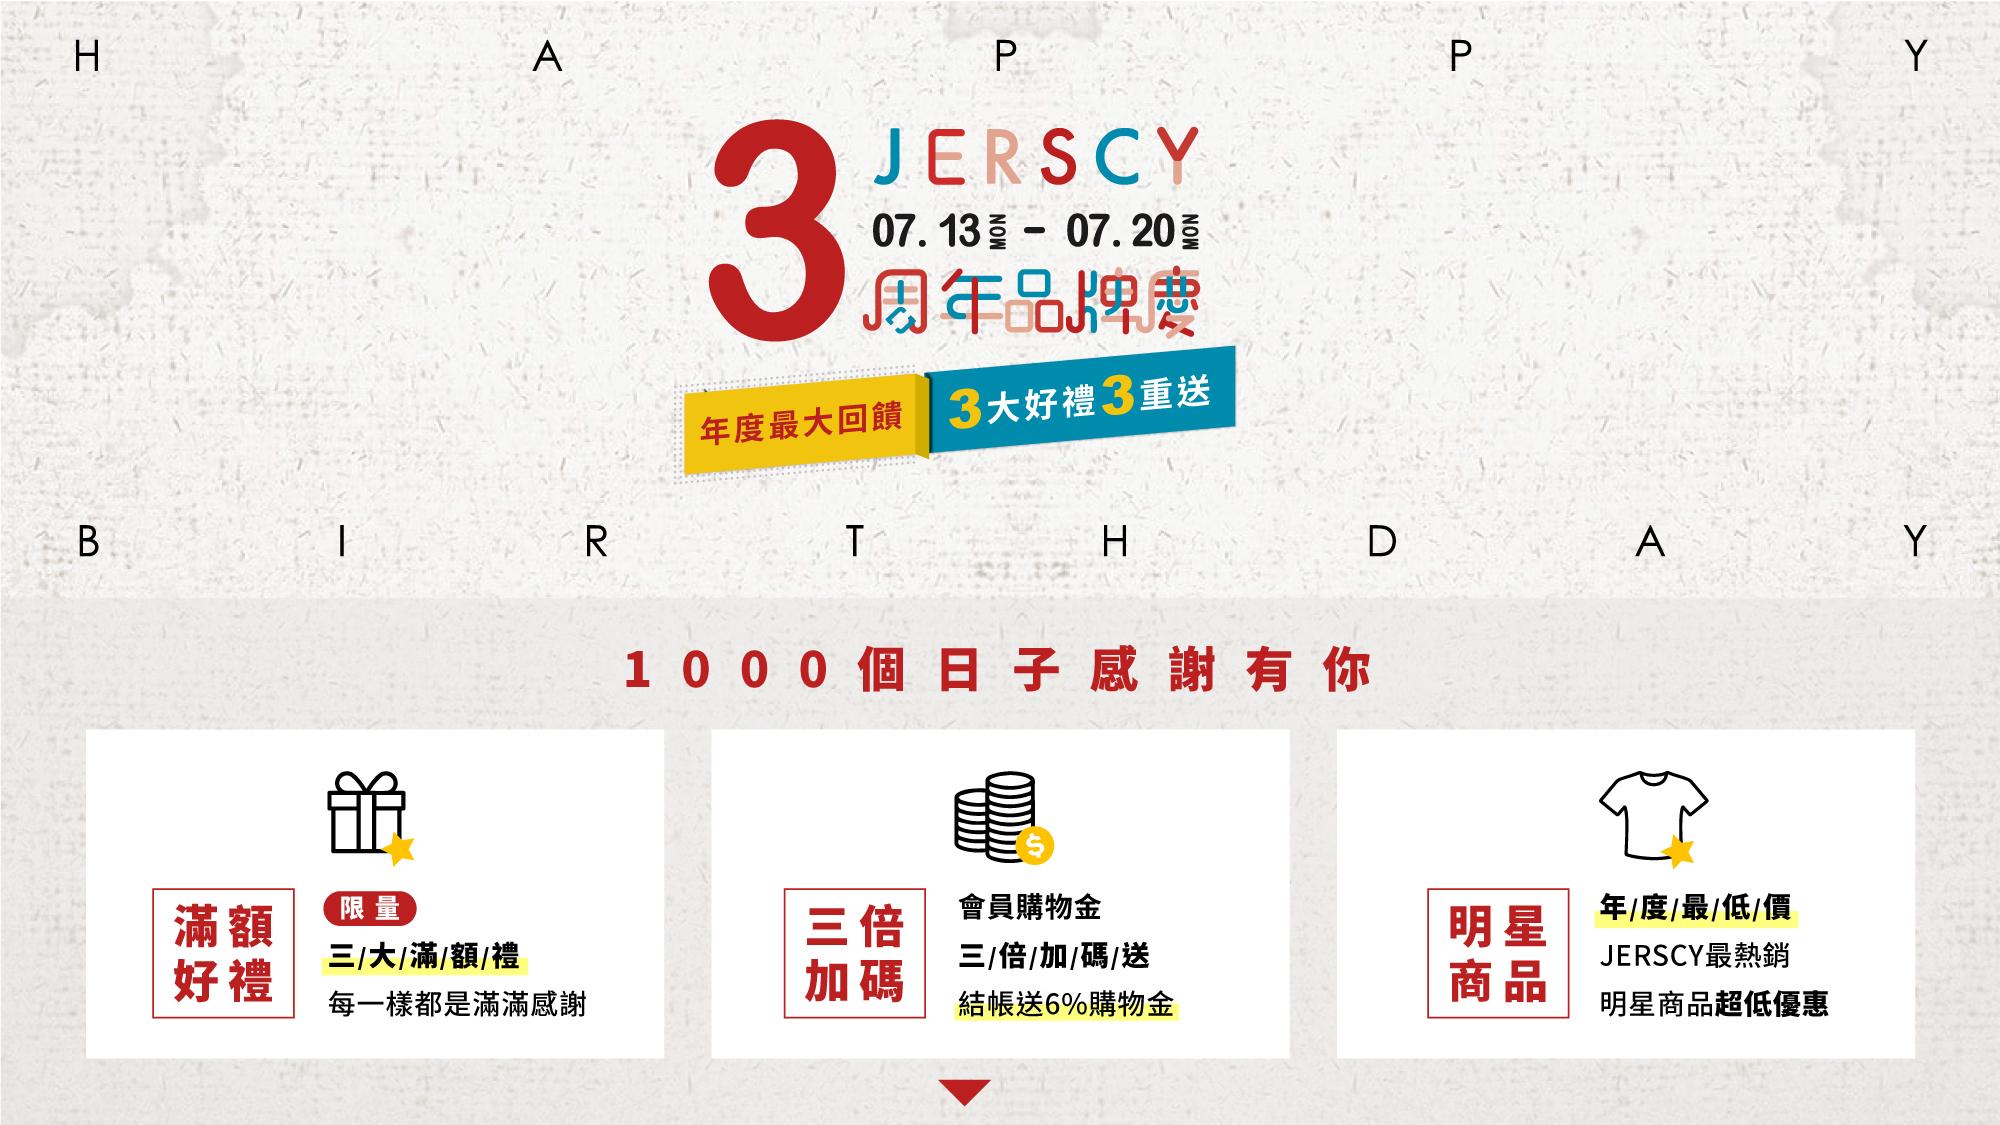 jerscy,3週年品牌慶